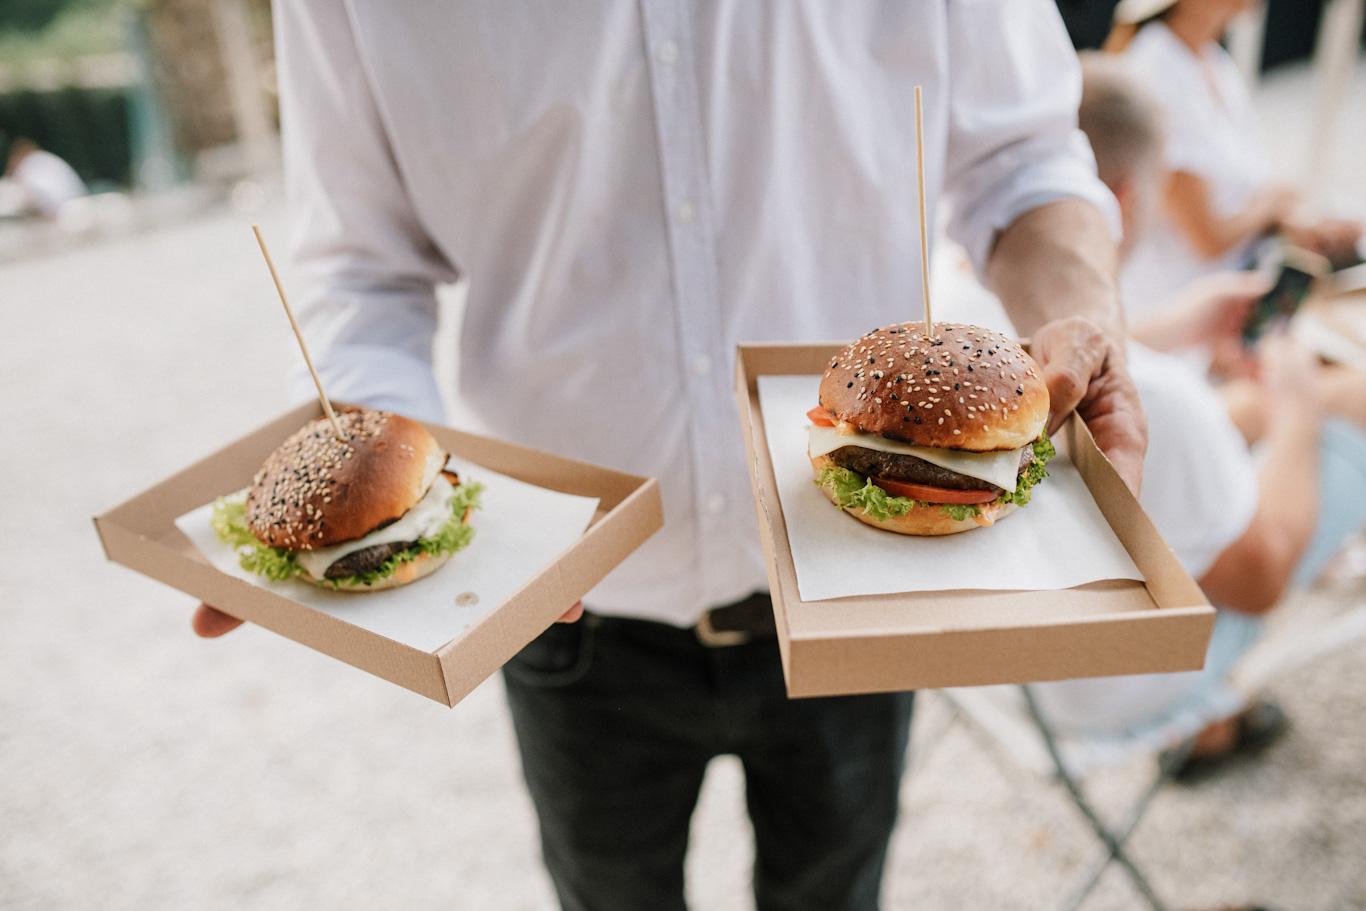 Costes burger